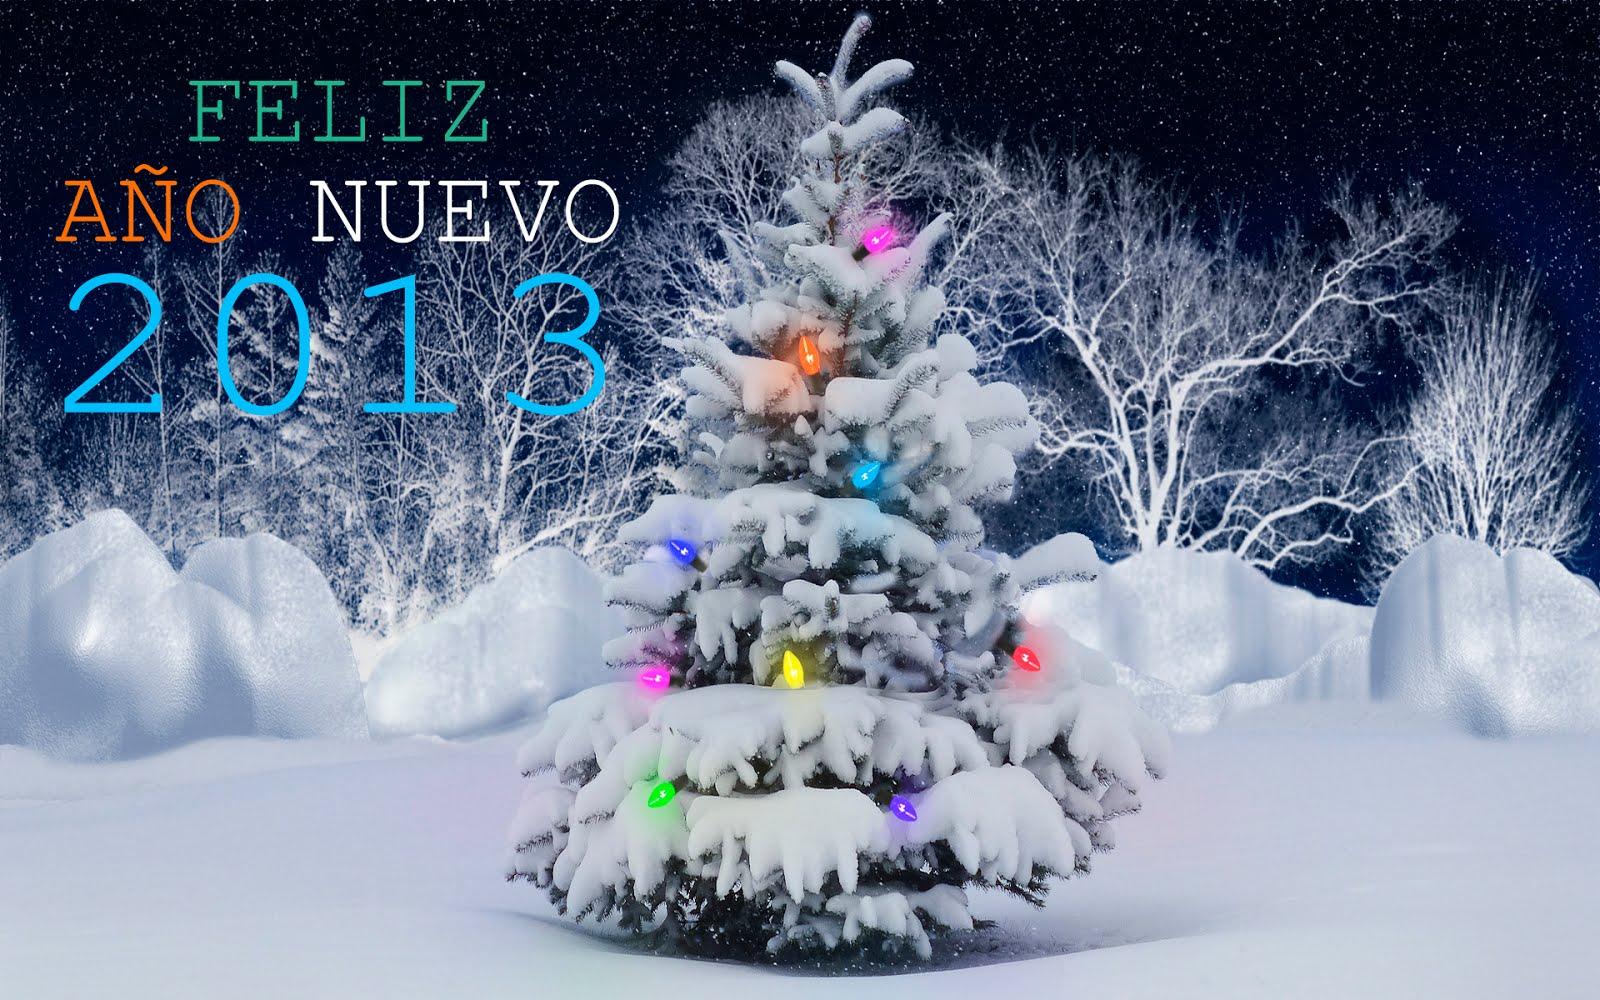 Arbol de navidad con luces de colores new wallpapers hd - Luces arbol de navidad ...